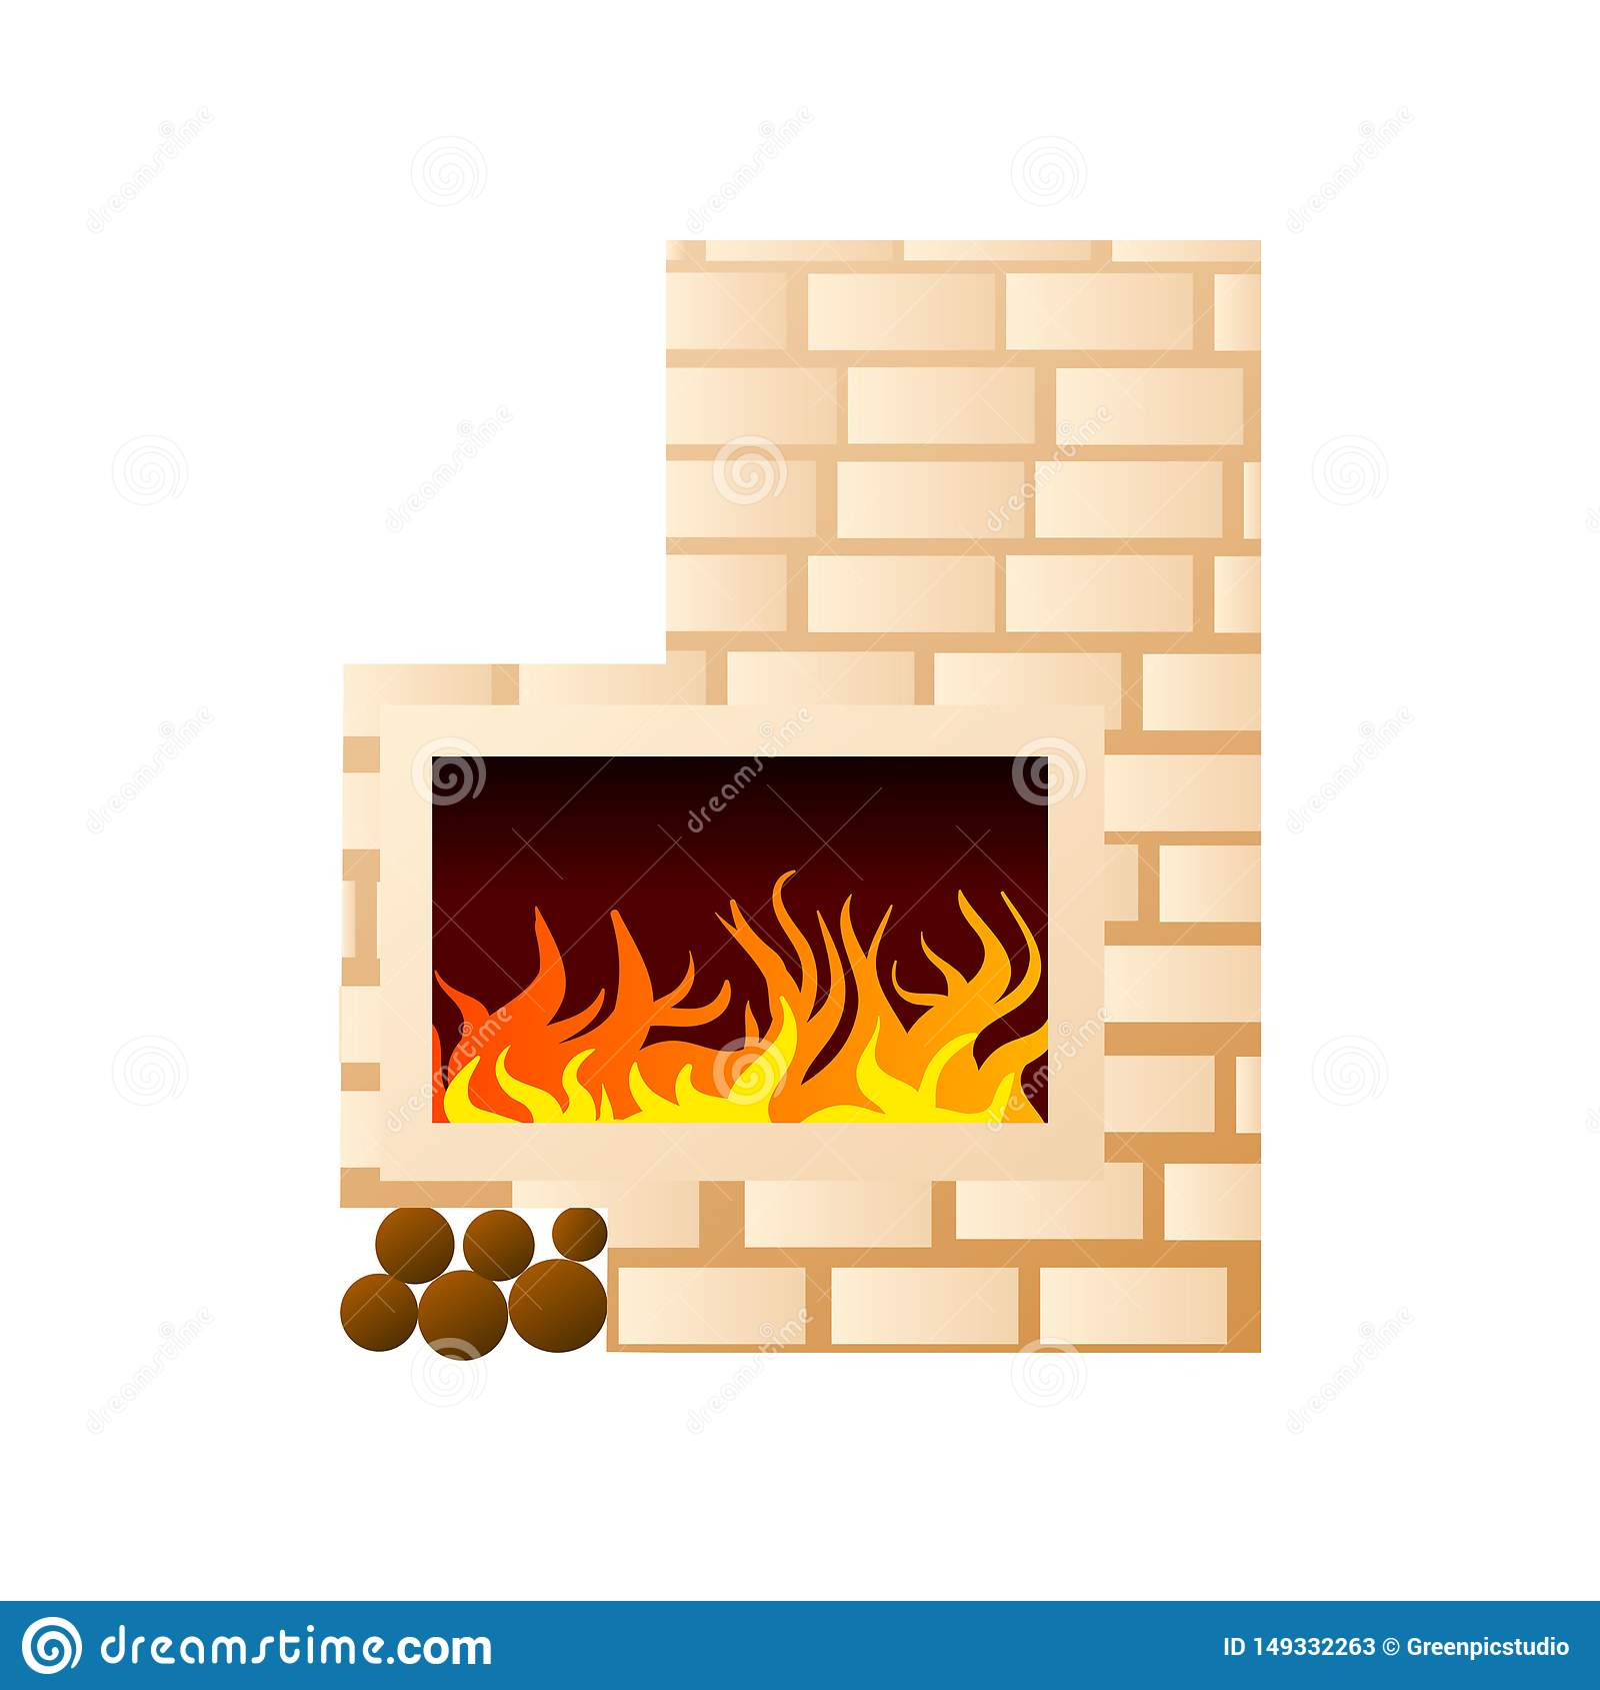 Άσπρη εγχώρια εστία τούβλου με το κάψιμο της πυρκαγιάς και της θέσης για το ξύλο